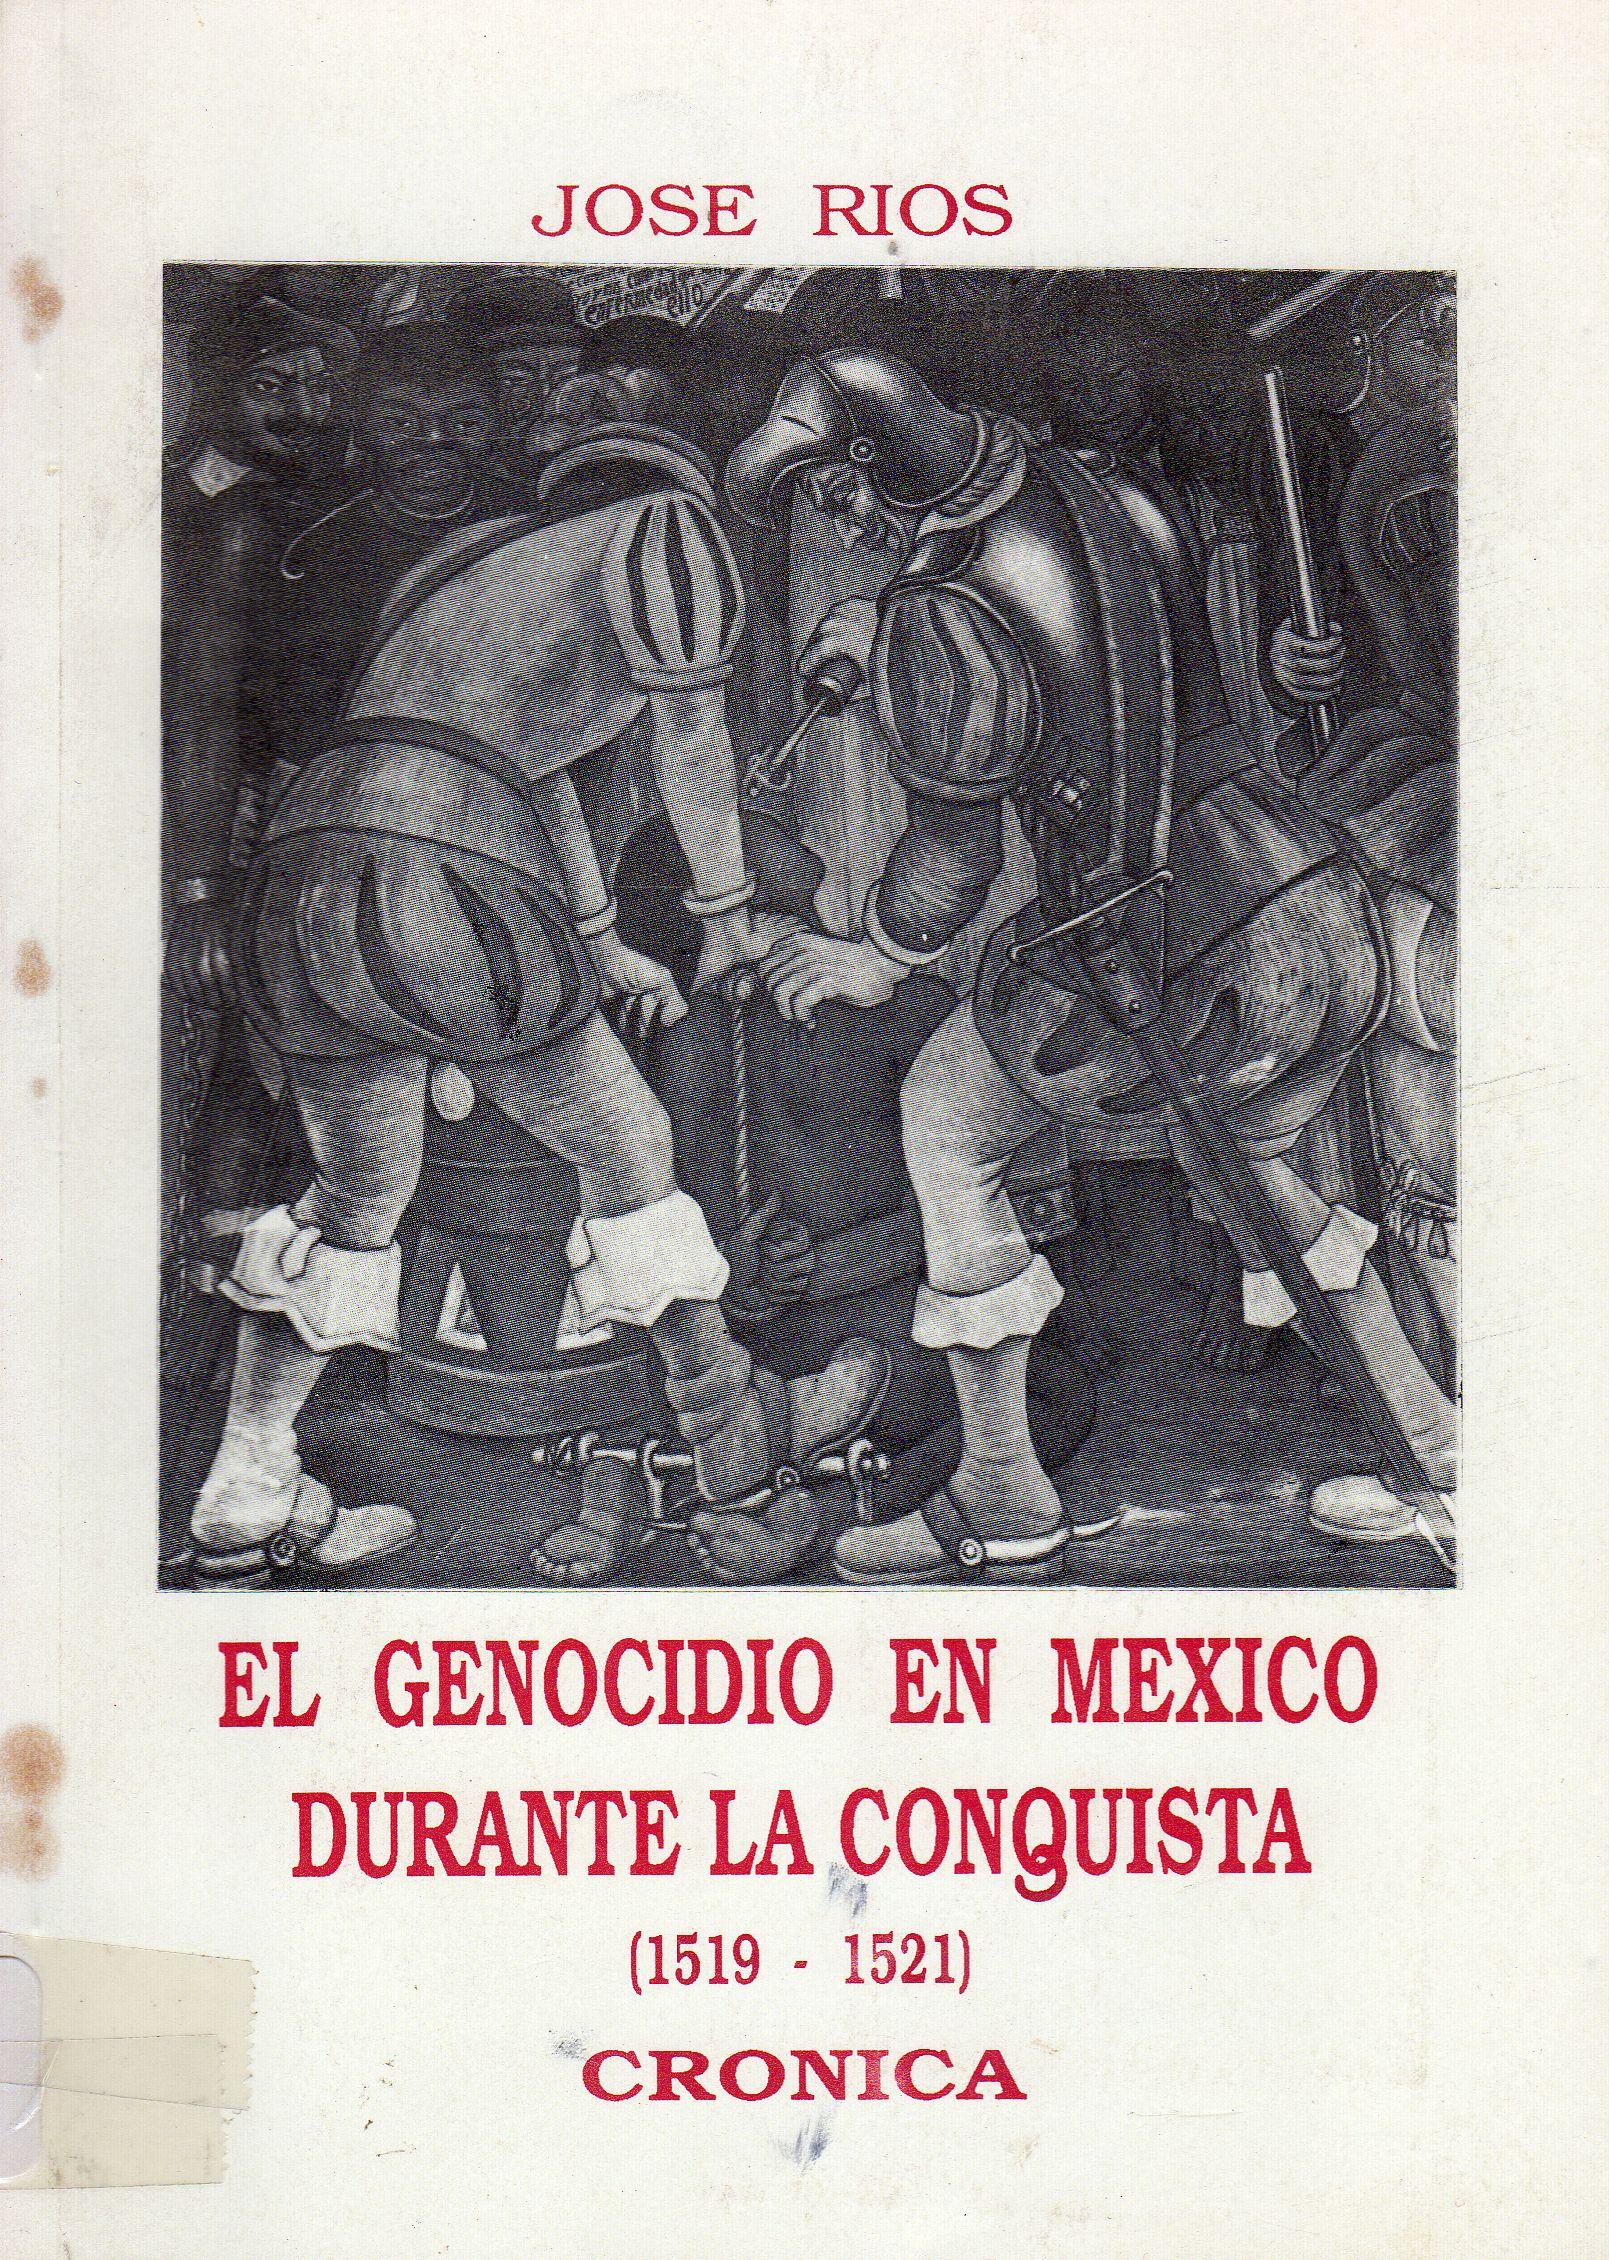 El Genocidio de Mexico durante la conquista